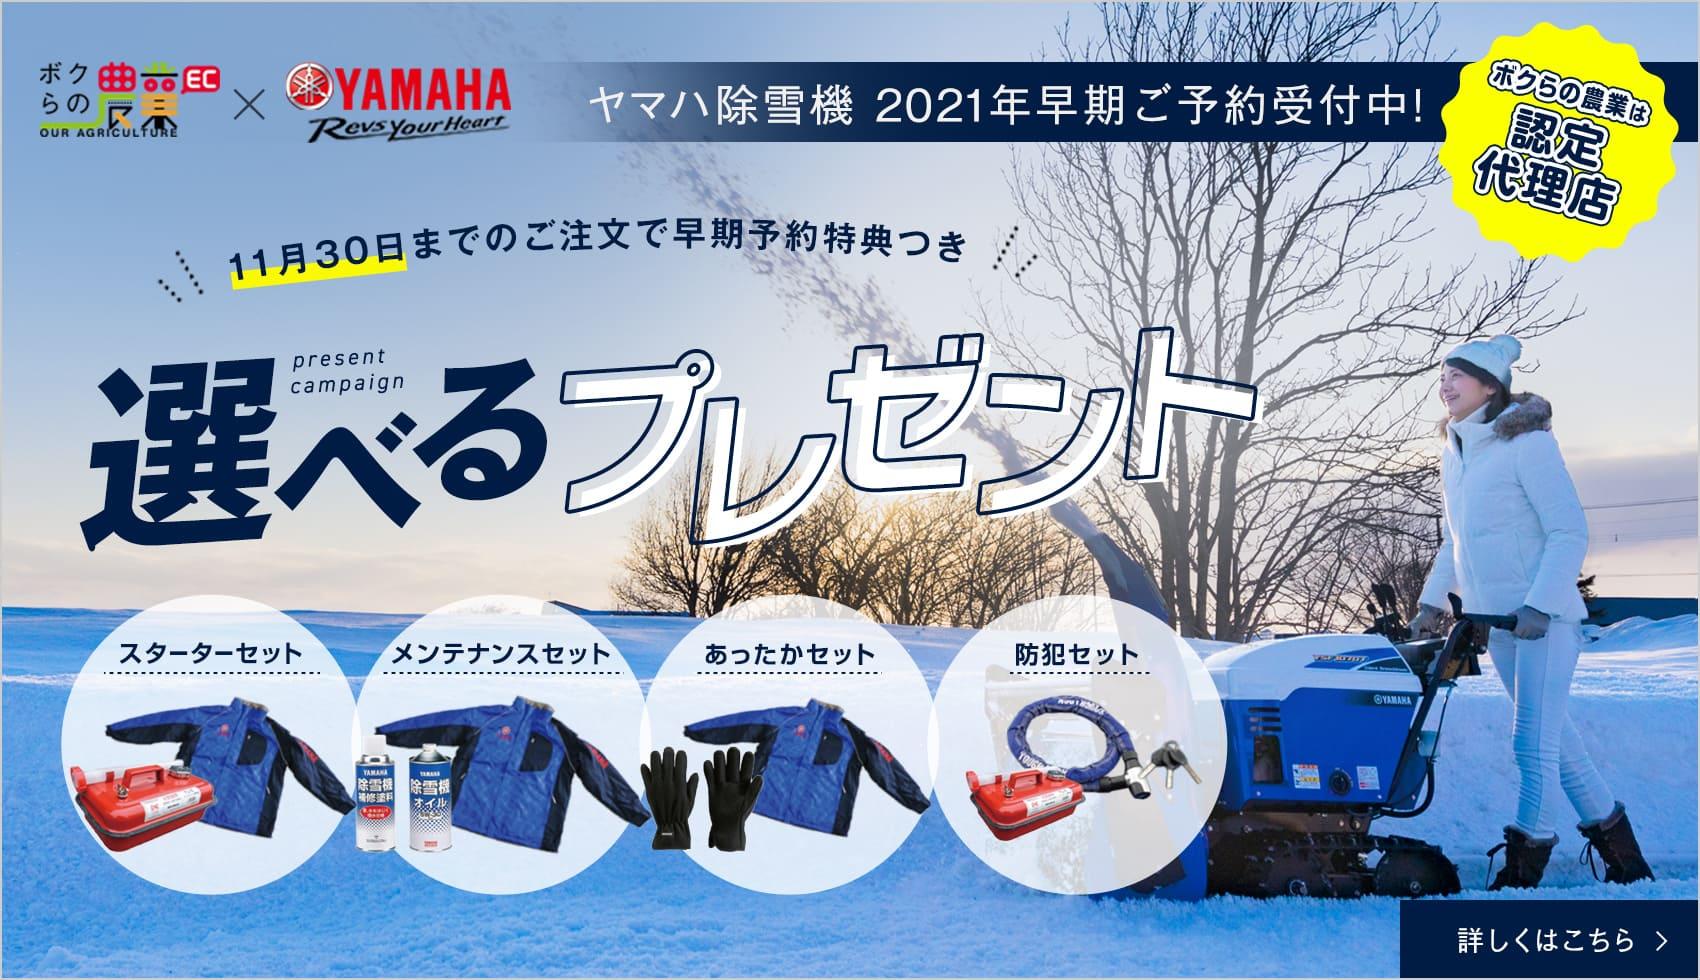 除雪機の特集ページ